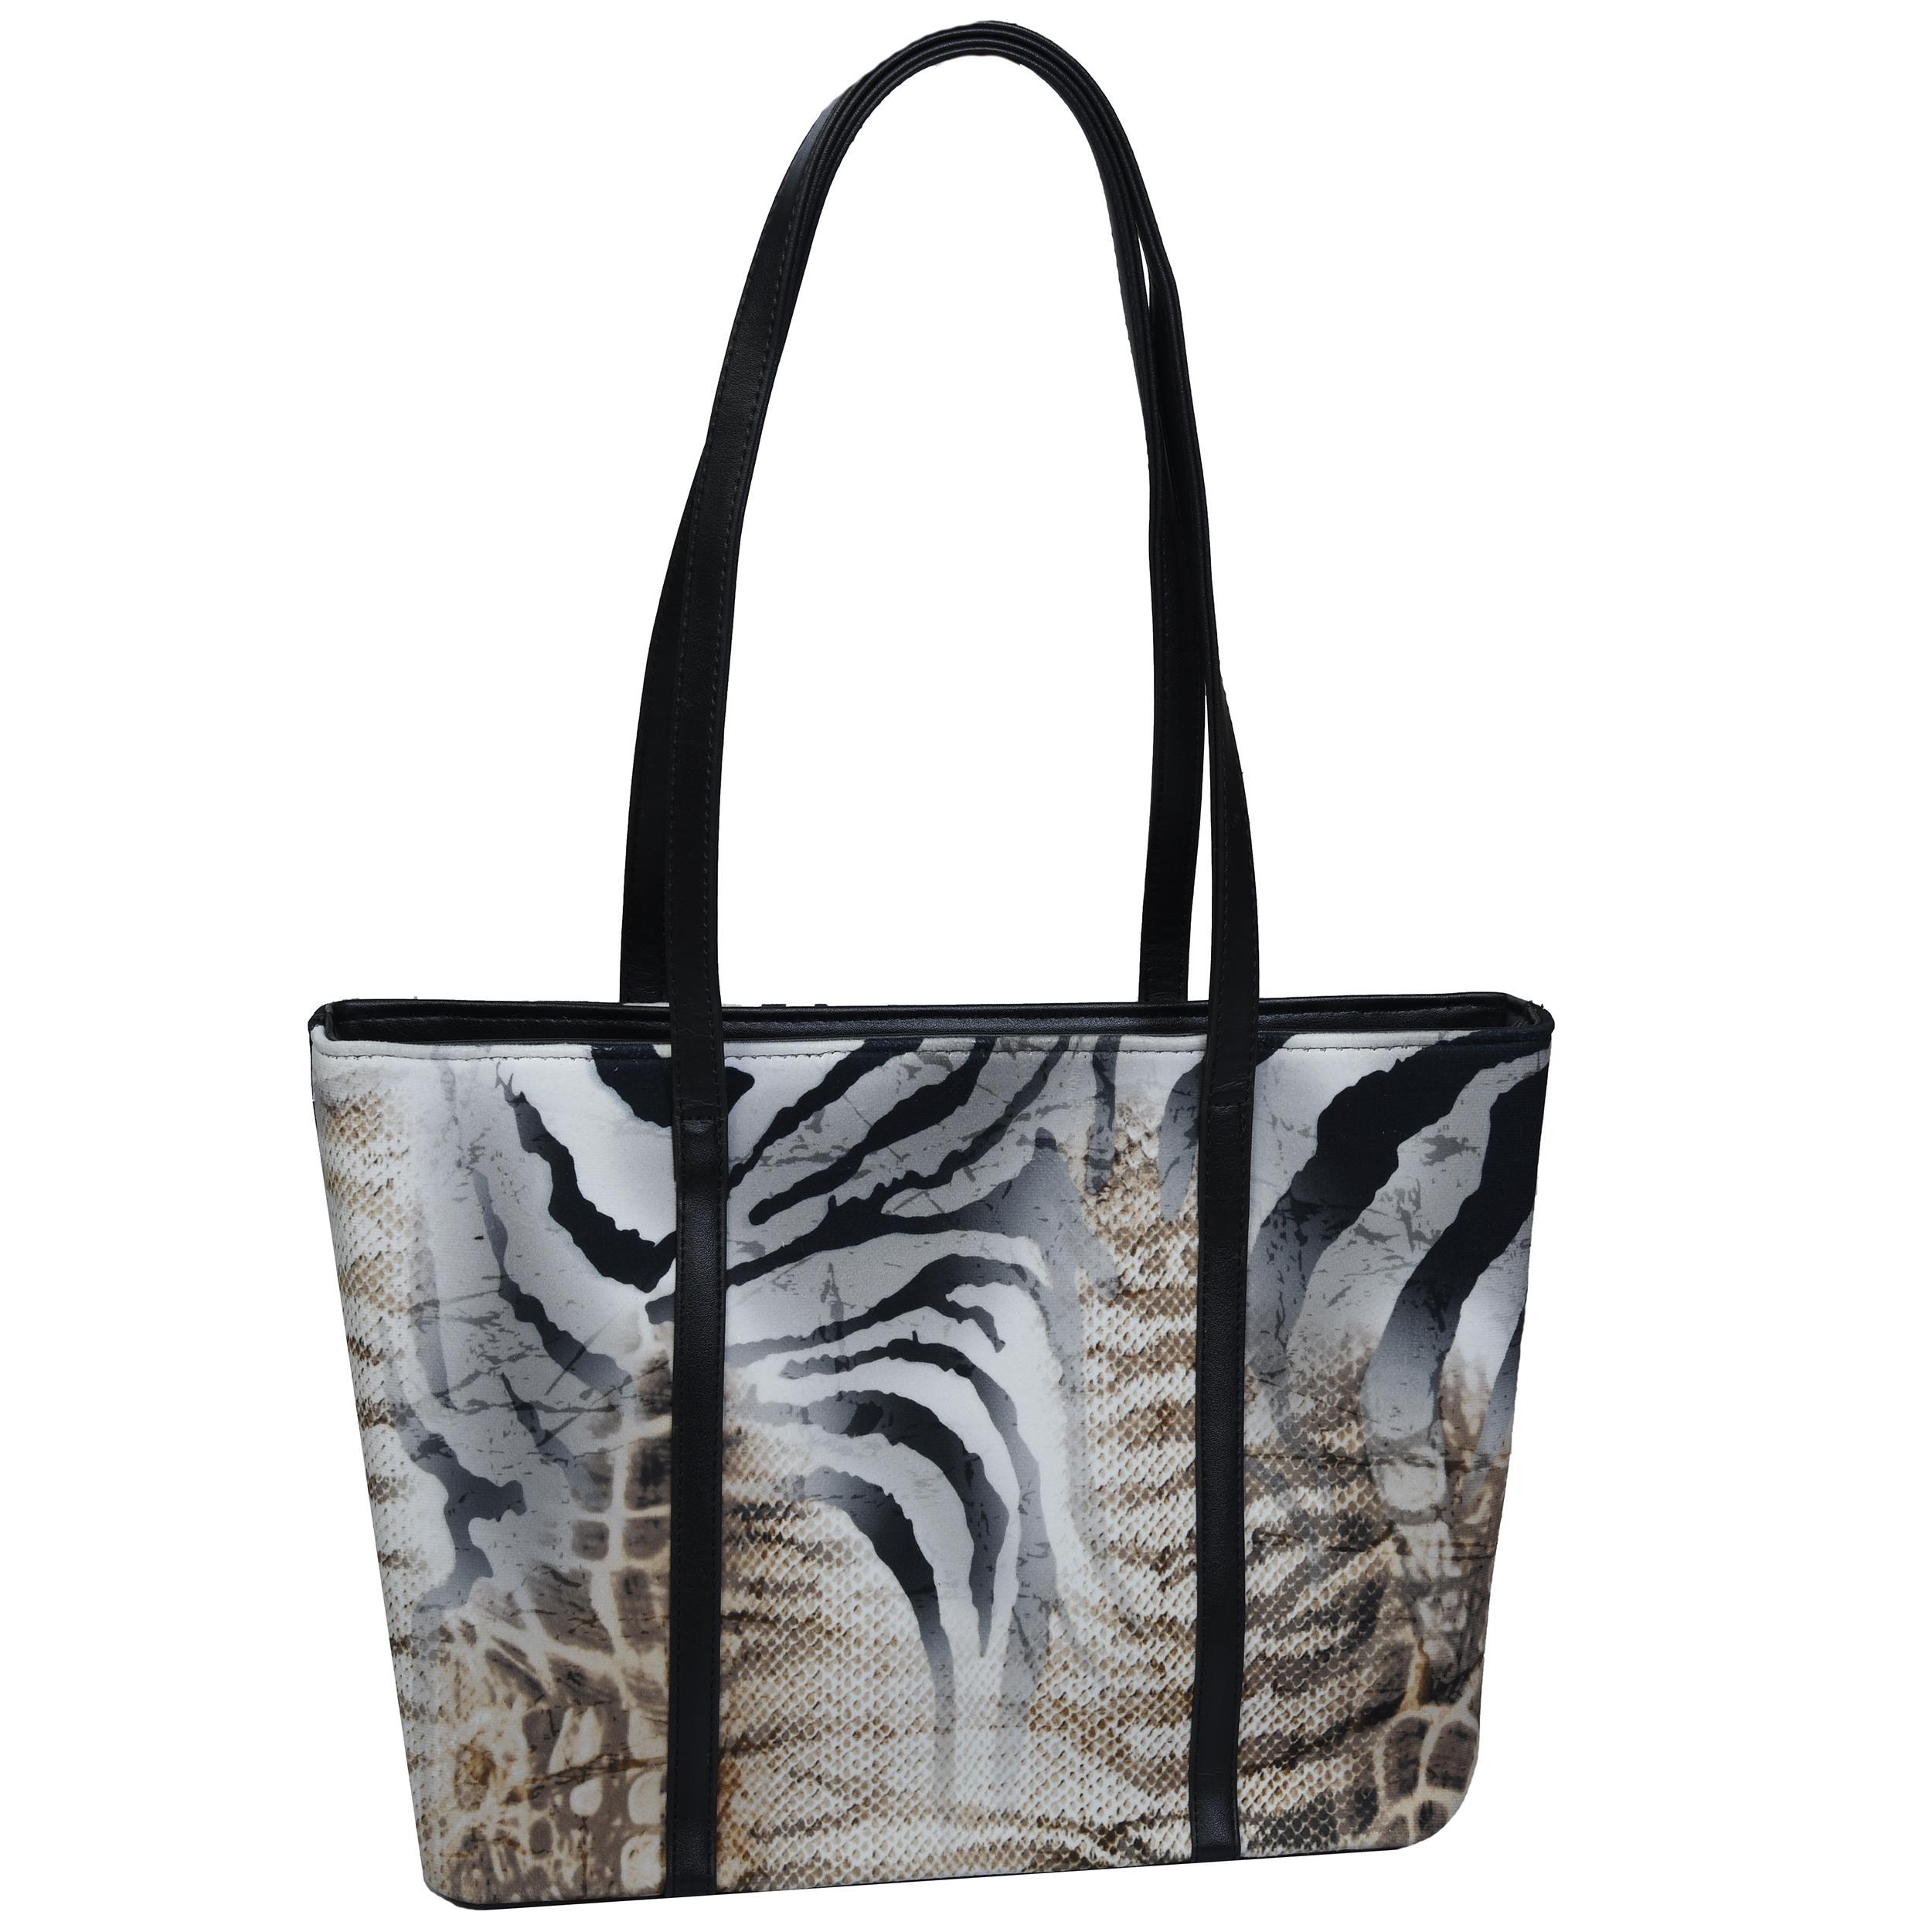 قیمت, خرید                                       ست کیف و روسری زنانه کد T1-990404